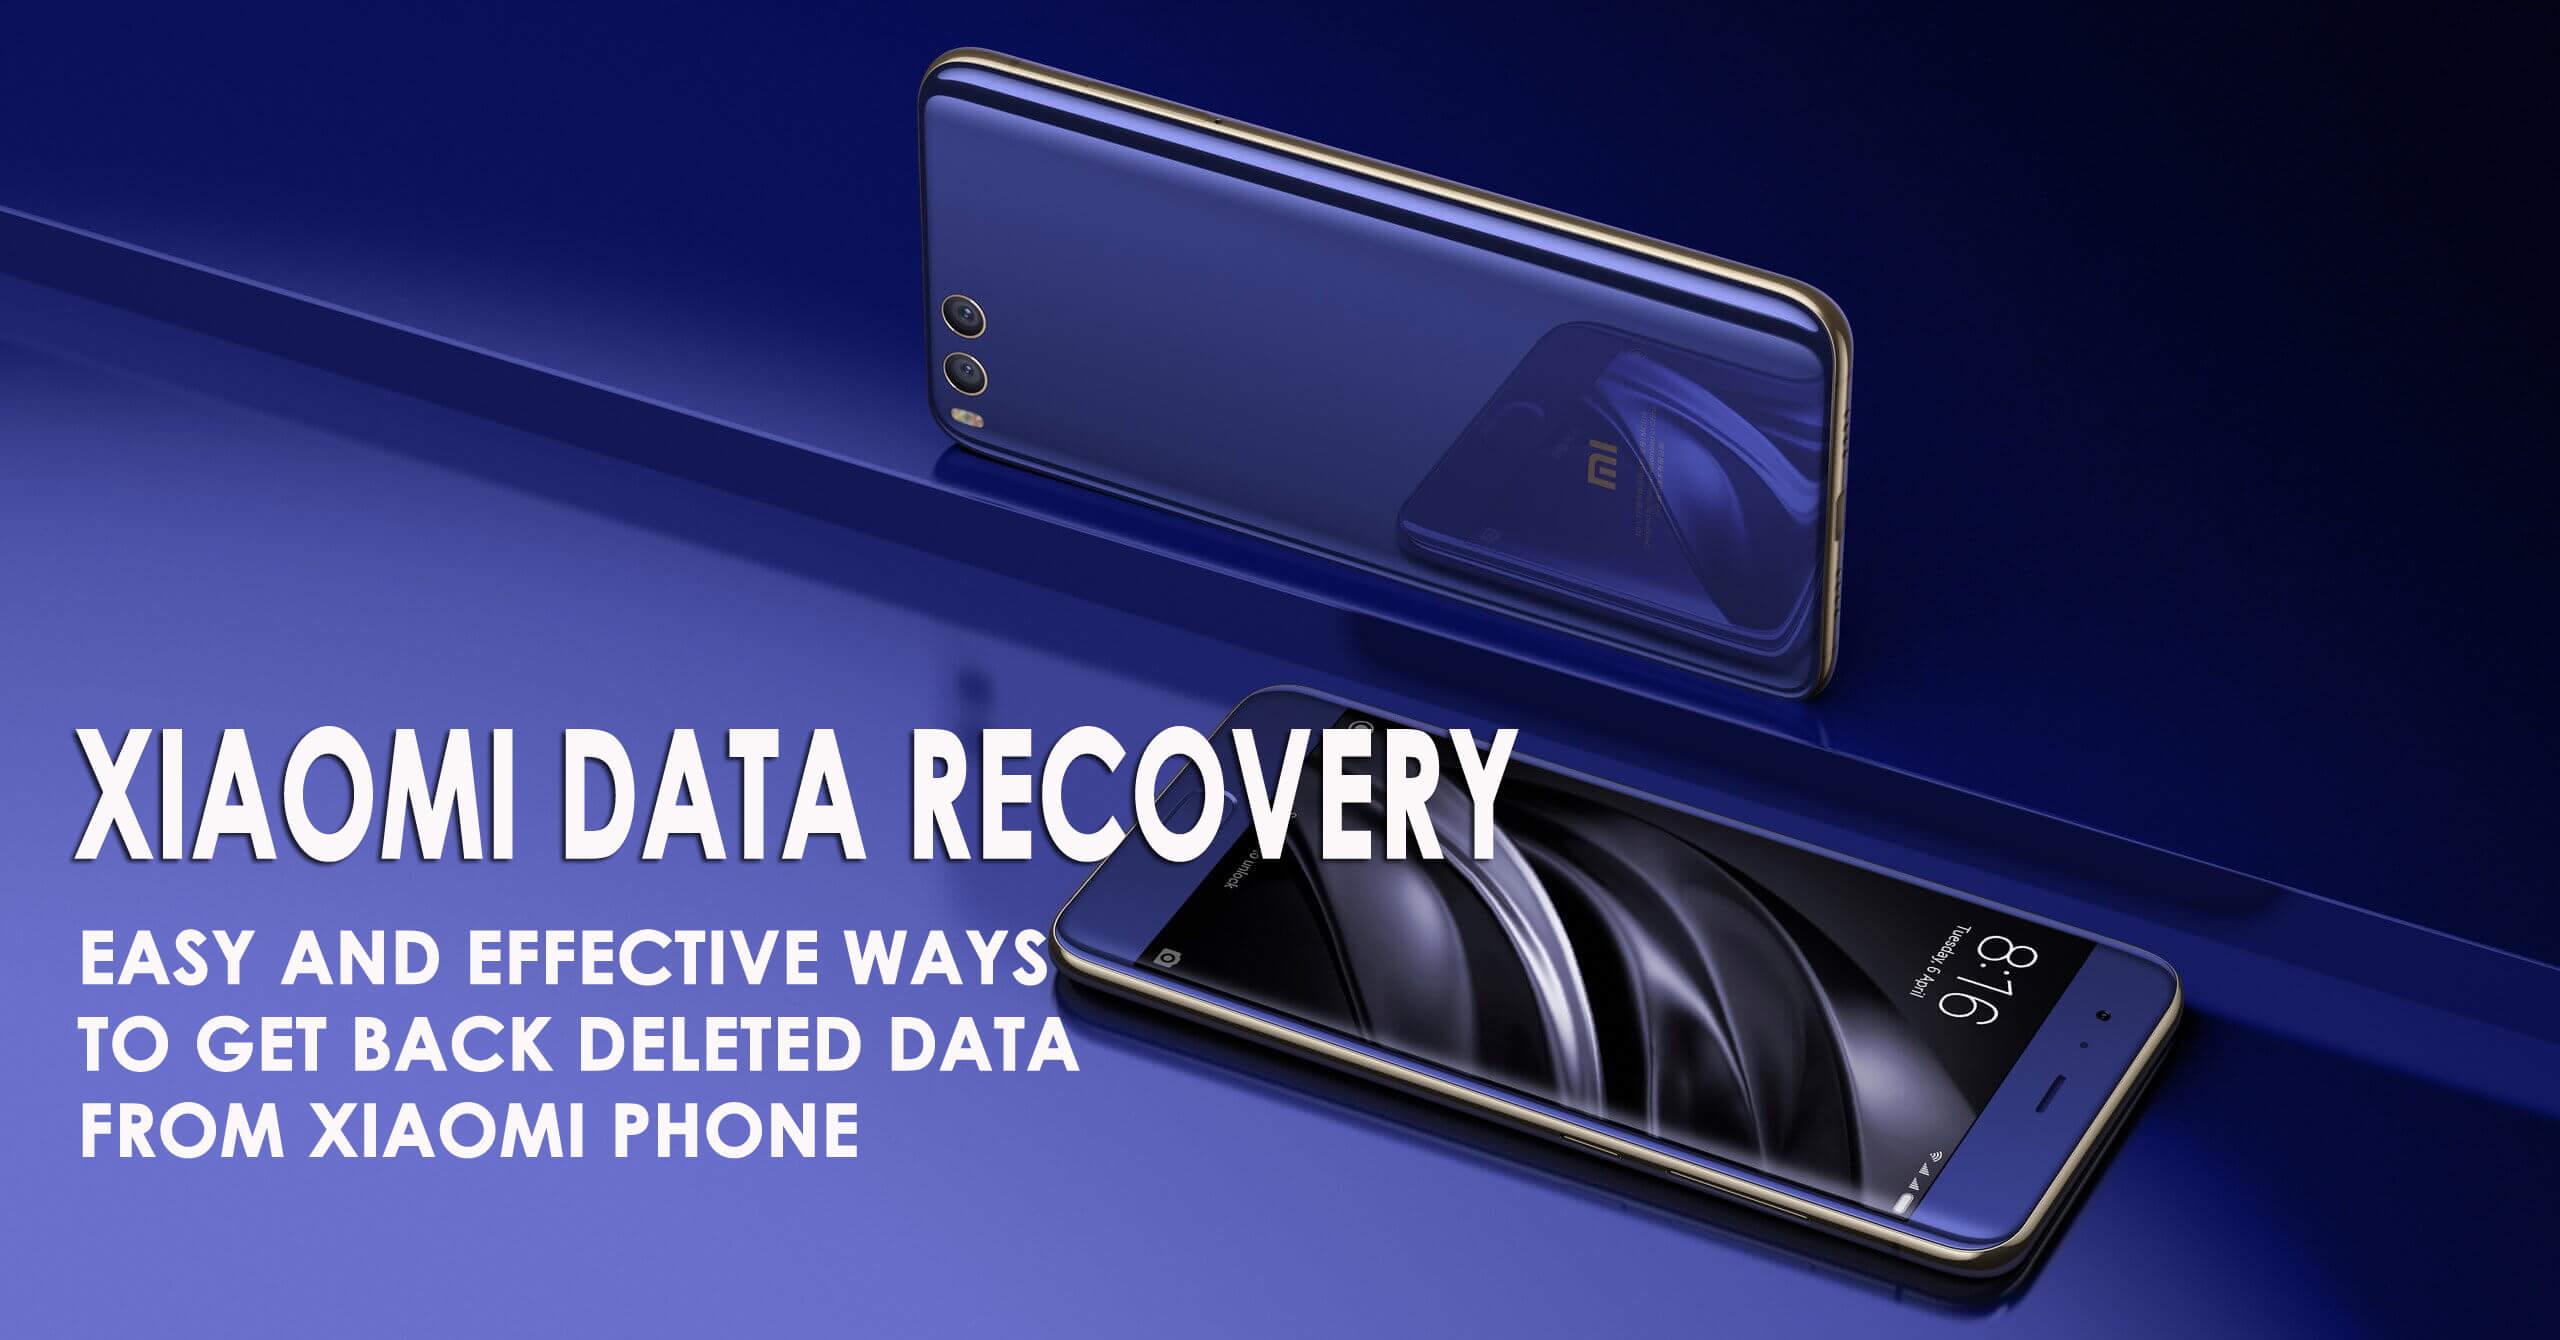 Xiaomi Data Recovery